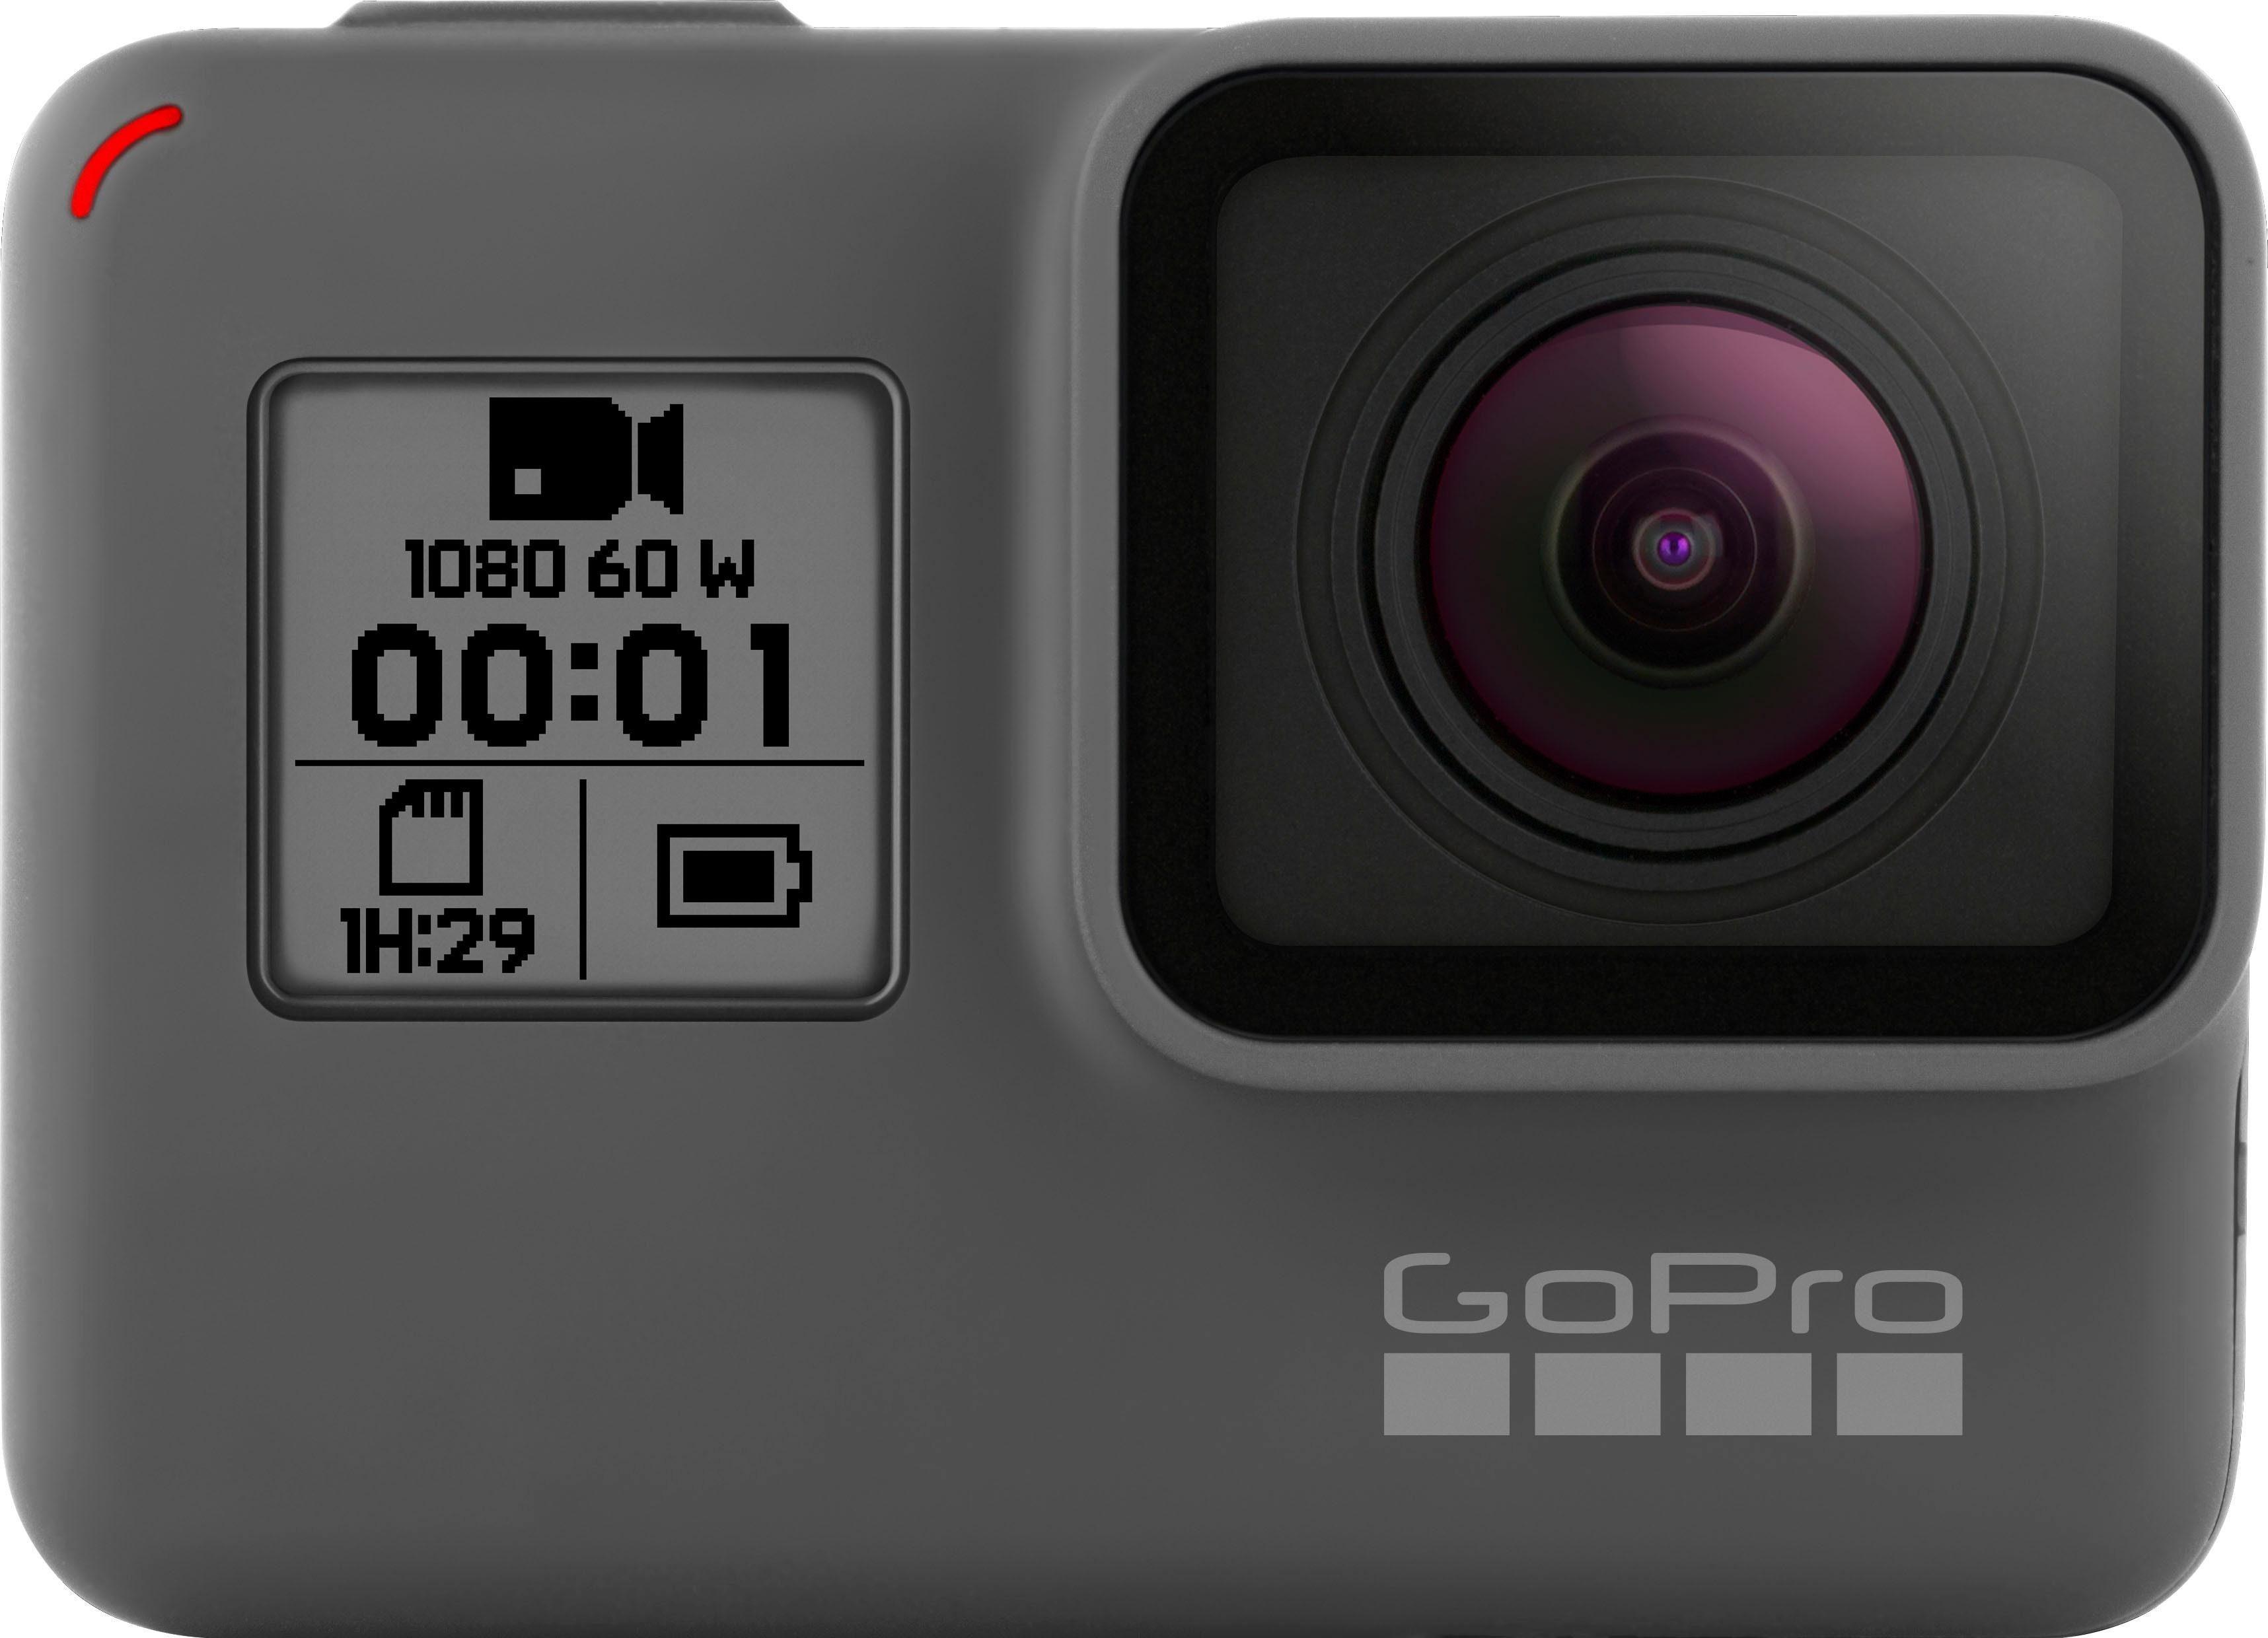 GoPro »HERO« Action Cam (Full HD, WLAN (Wi-Fi), Bluetooth)